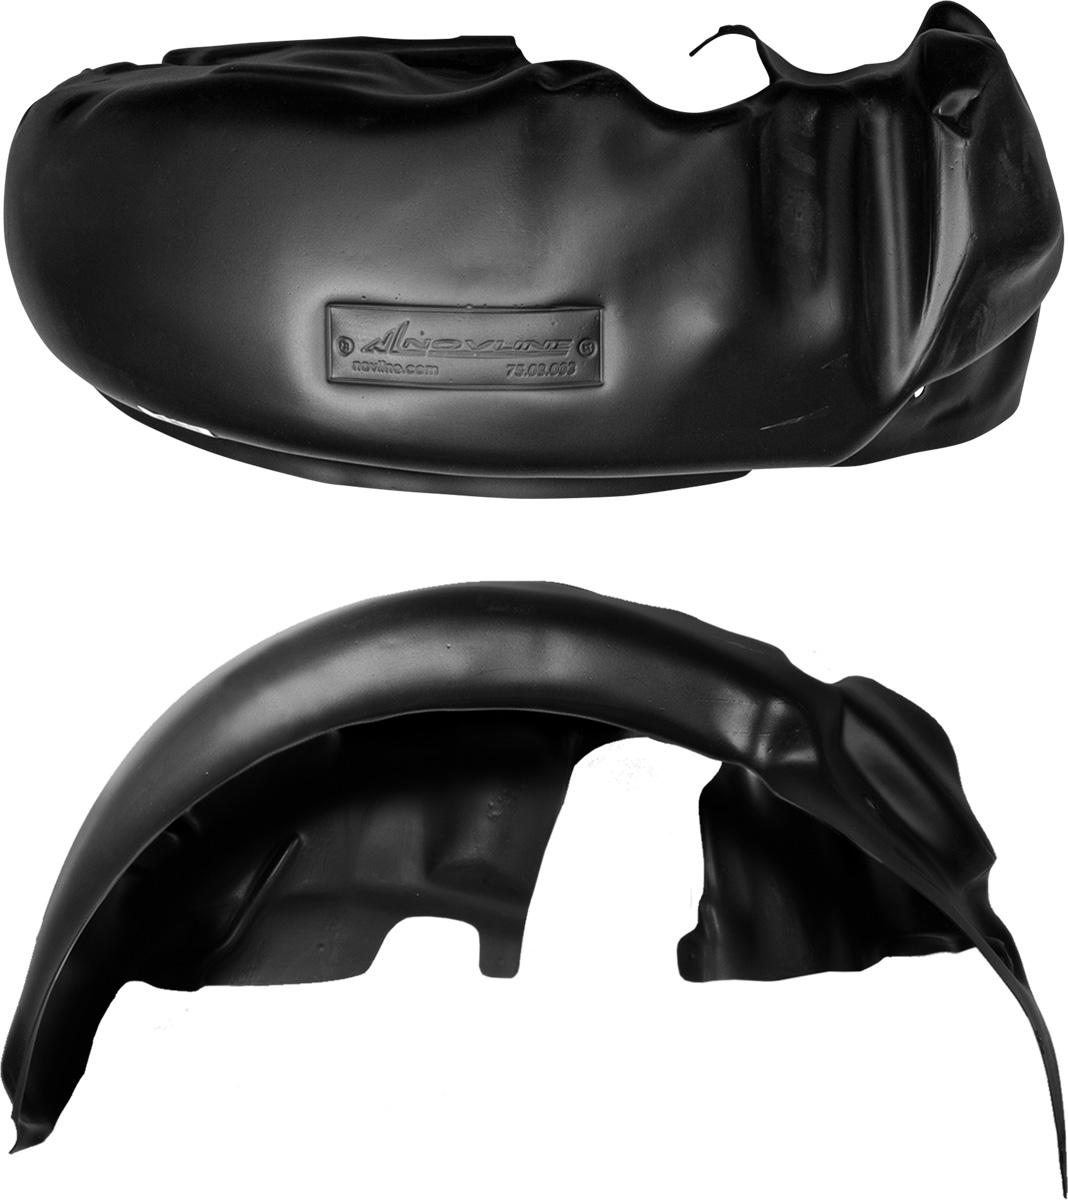 Подкрылок Novline-Autofamily, для Fiat Ducato, 2006-2012, передний левыйK100Колесные ниши - одни из самых уязвимых зон днища вашего автомобиля. Они постоянно подвергаются воздействию со стороны дороги. Лучшая, почти абсолютная защита для них - специально отформованные пластиковые кожухи, которые называются подкрылками. Производятся они как для отечественных моделей автомобилей, так и для иномарок. Подкрылки Novline-Autofamily выполнены из высококачественного, экологически чистого пластика. Обеспечивают надежную защиту кузова автомобиля от пескоструйного эффекта и негативного влияния, агрессивных антигололедных реагентов. Пластик обладает более низкой теплопроводностью, чем металл, поэтому в зимний период эксплуатации использование пластиковых подкрылков позволяет лучше защитить колесные ниши от налипания снега и образования наледи. Оригинальность конструкции подчеркивает элегантность автомобиля, бережно защищает нанесенное на днище кузова антикоррозийное покрытие и позволяет осуществить крепление подкрылков внутри колесной арки практически без дополнительного крепежа и сверления, не нарушая при этом лакокрасочного покрытия, что предотвращает возникновение новых очагов коррозии. Подкрылки долговечны, обладают высокой прочностью и сохраняют заданную форму, а также все свои физико-механические характеристики в самых тяжелых климатических условиях (от -50°С до +50°С).Уважаемые клиенты!Обращаем ваше внимание, на тот факт, что подкрылок имеет форму, соответствующую модели данного автомобиля. Фото служит для визуального восприятия товара.